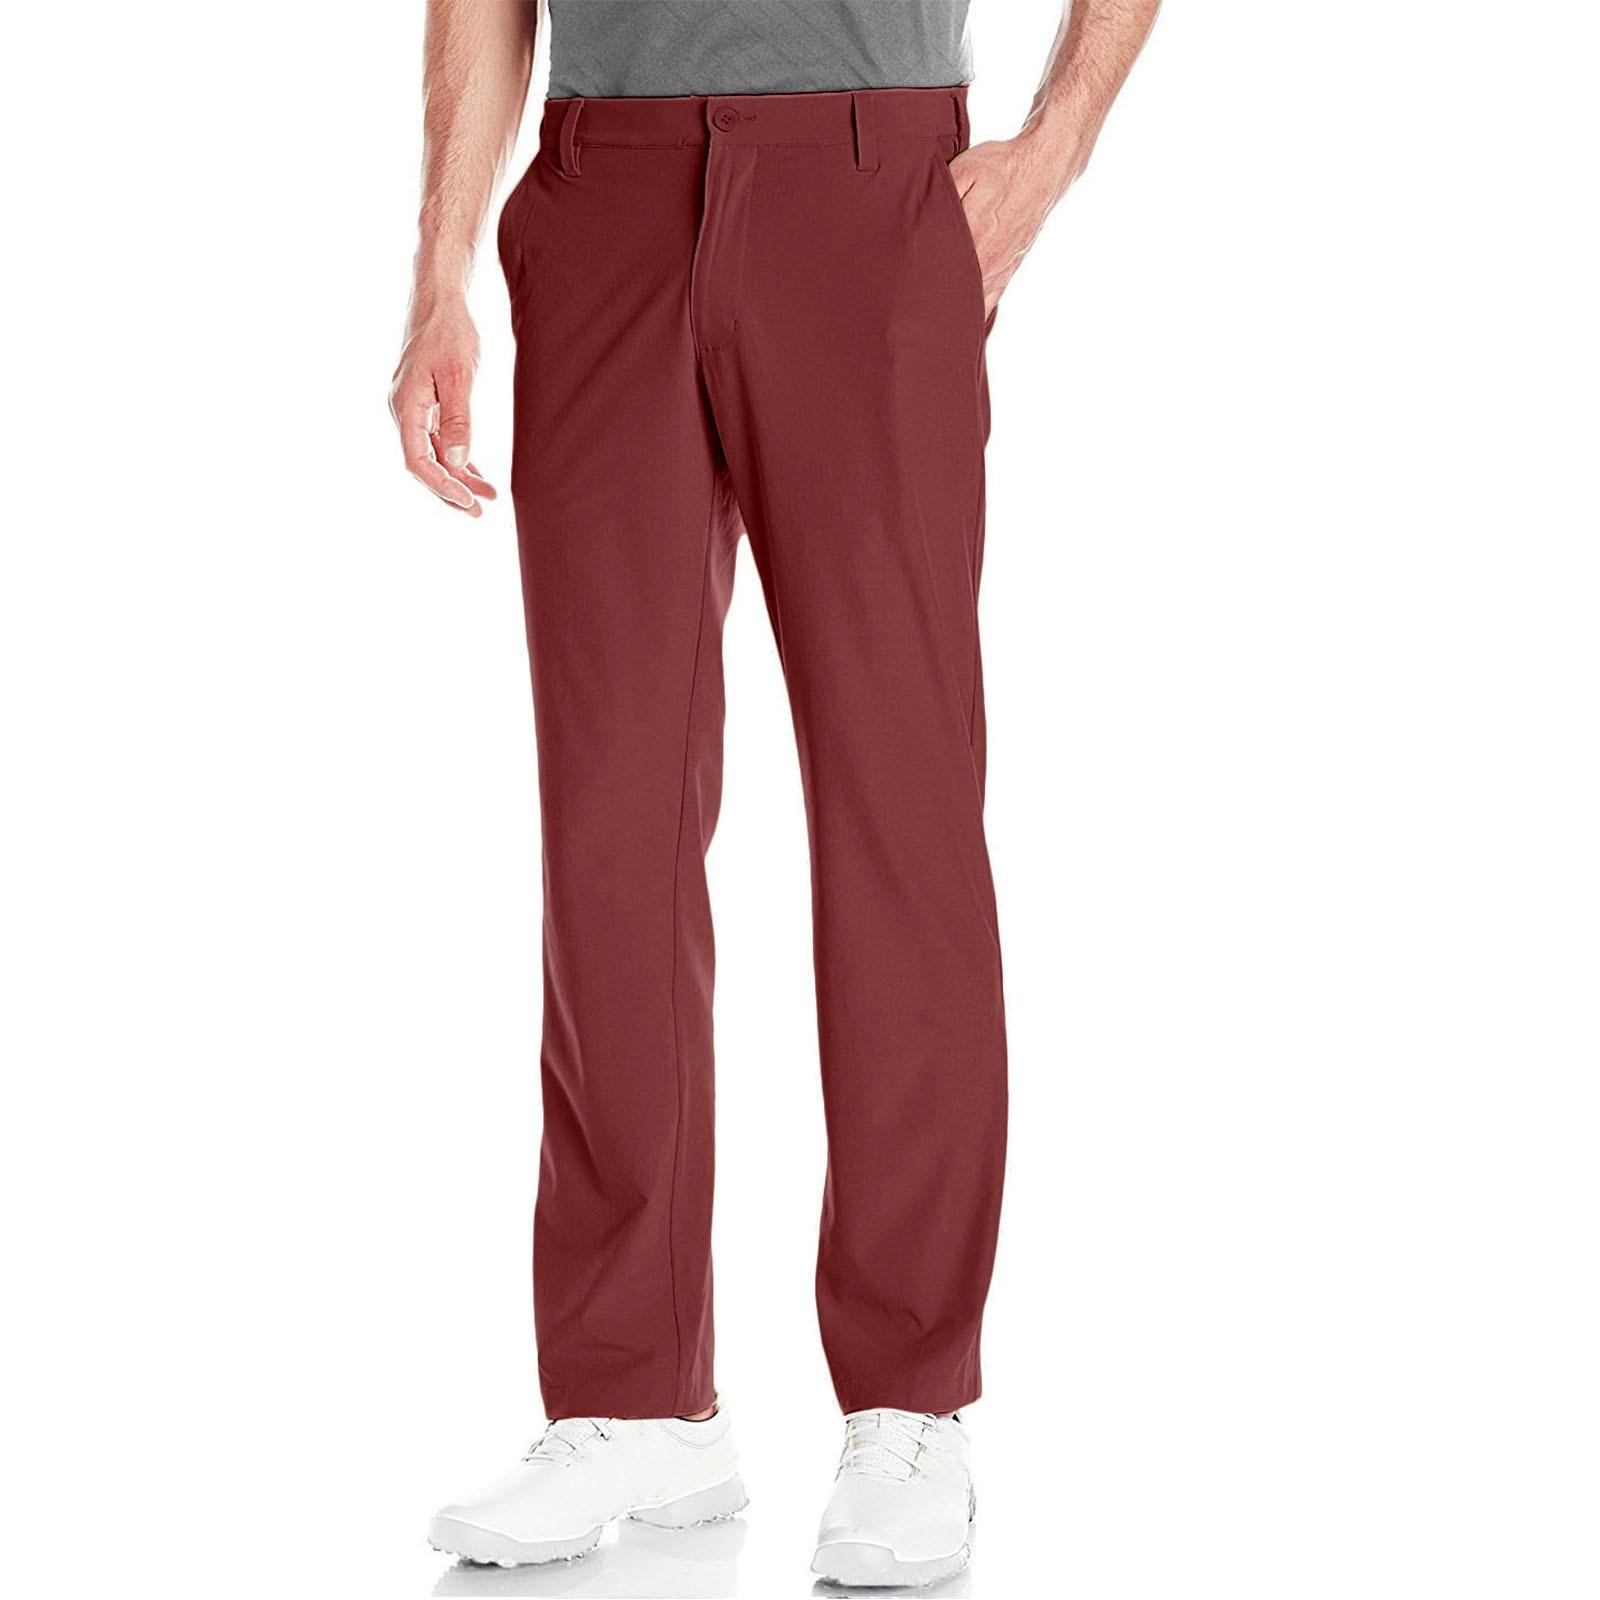 Брюки мужские Стрейчевые для гольфа Lesmart, плоские дышащие повседневные брюки Чино, длинные штаны, сухой крой, повседневные для отдыха, весна-...